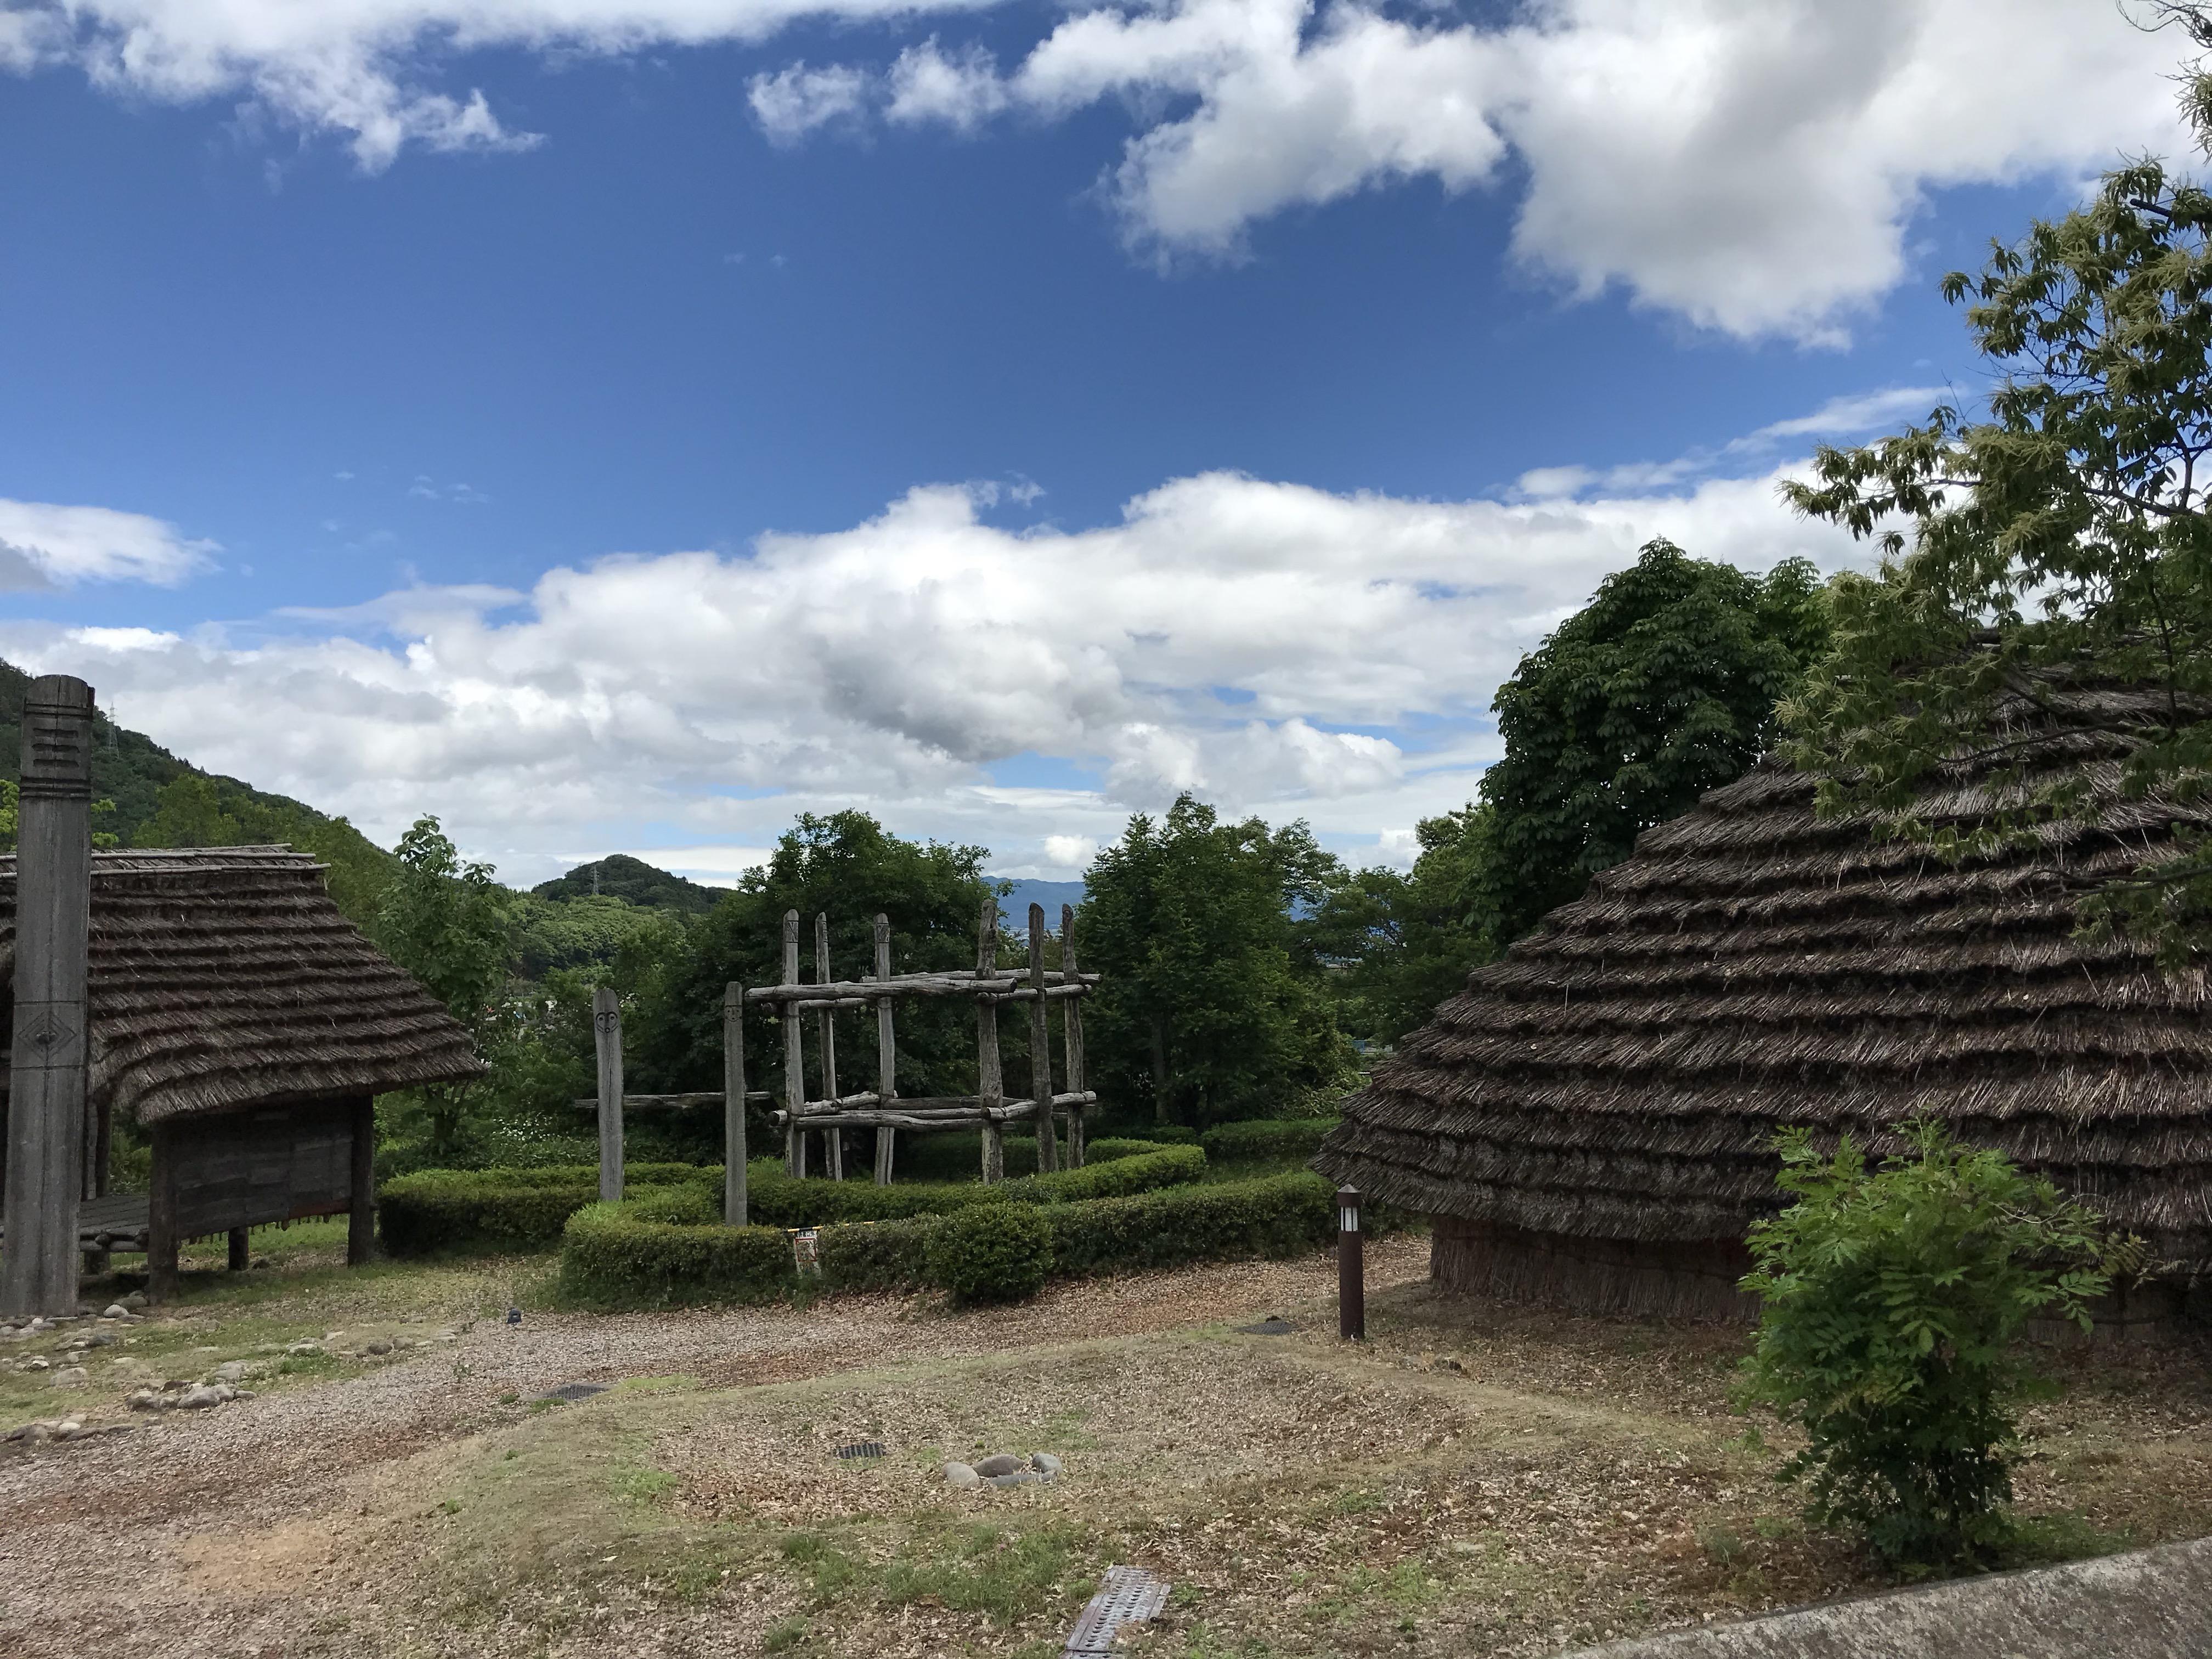 縄文時代は高い精神性を誇る日本の原点